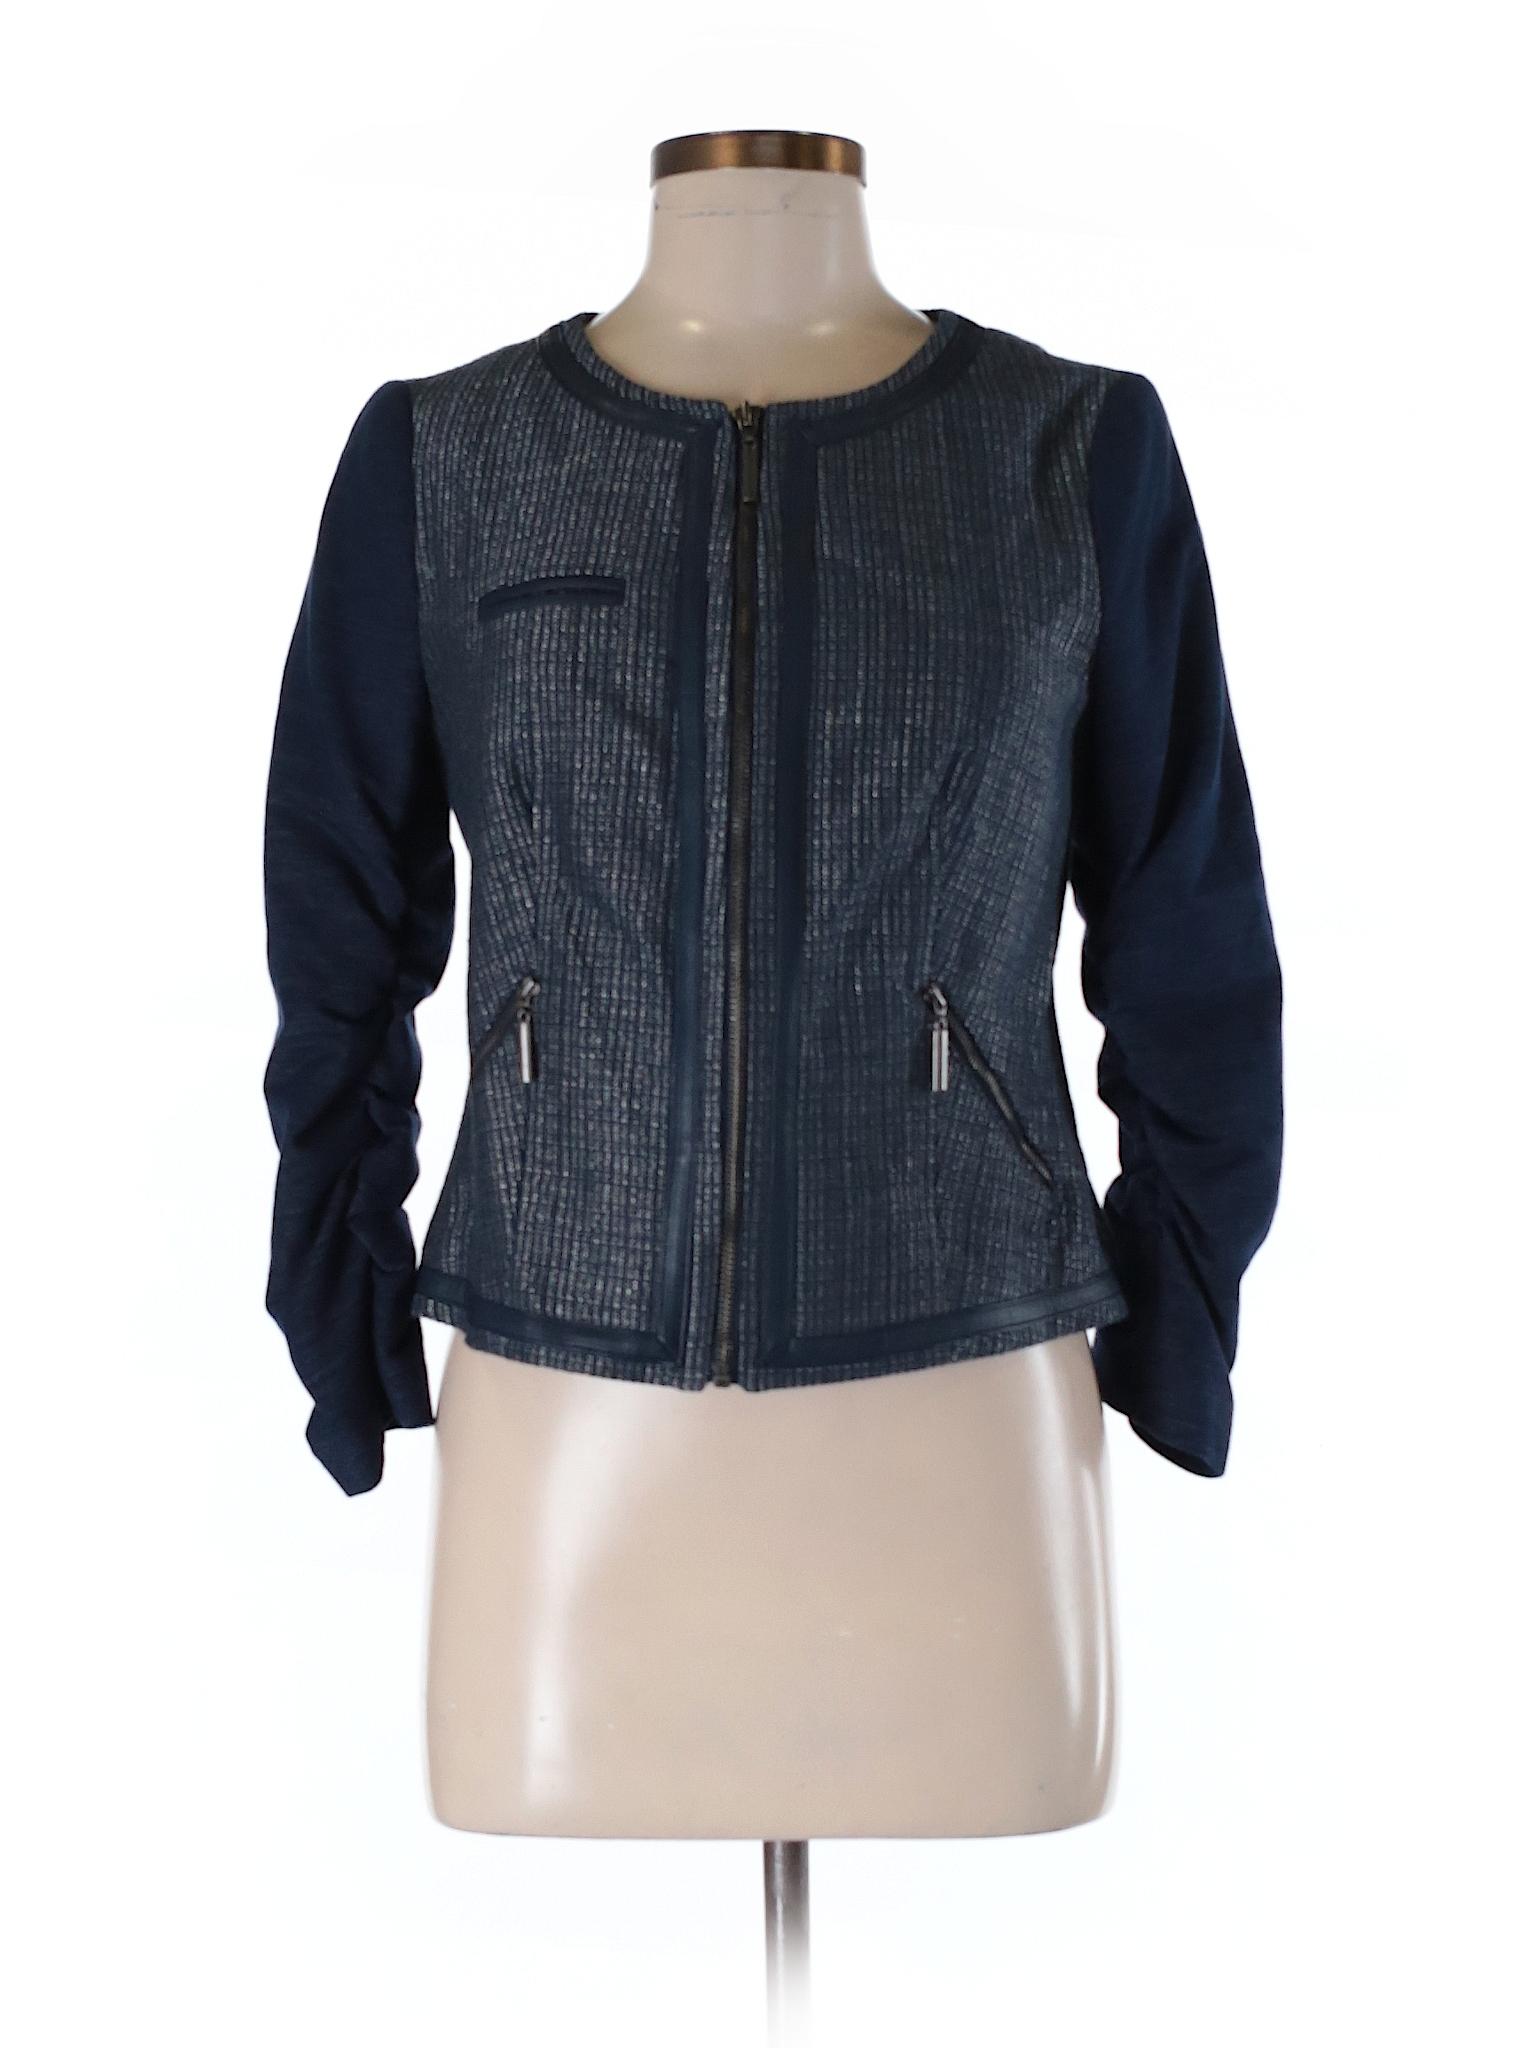 Limited Boutique Jacket The Boutique leisure leisure 57wqXI0